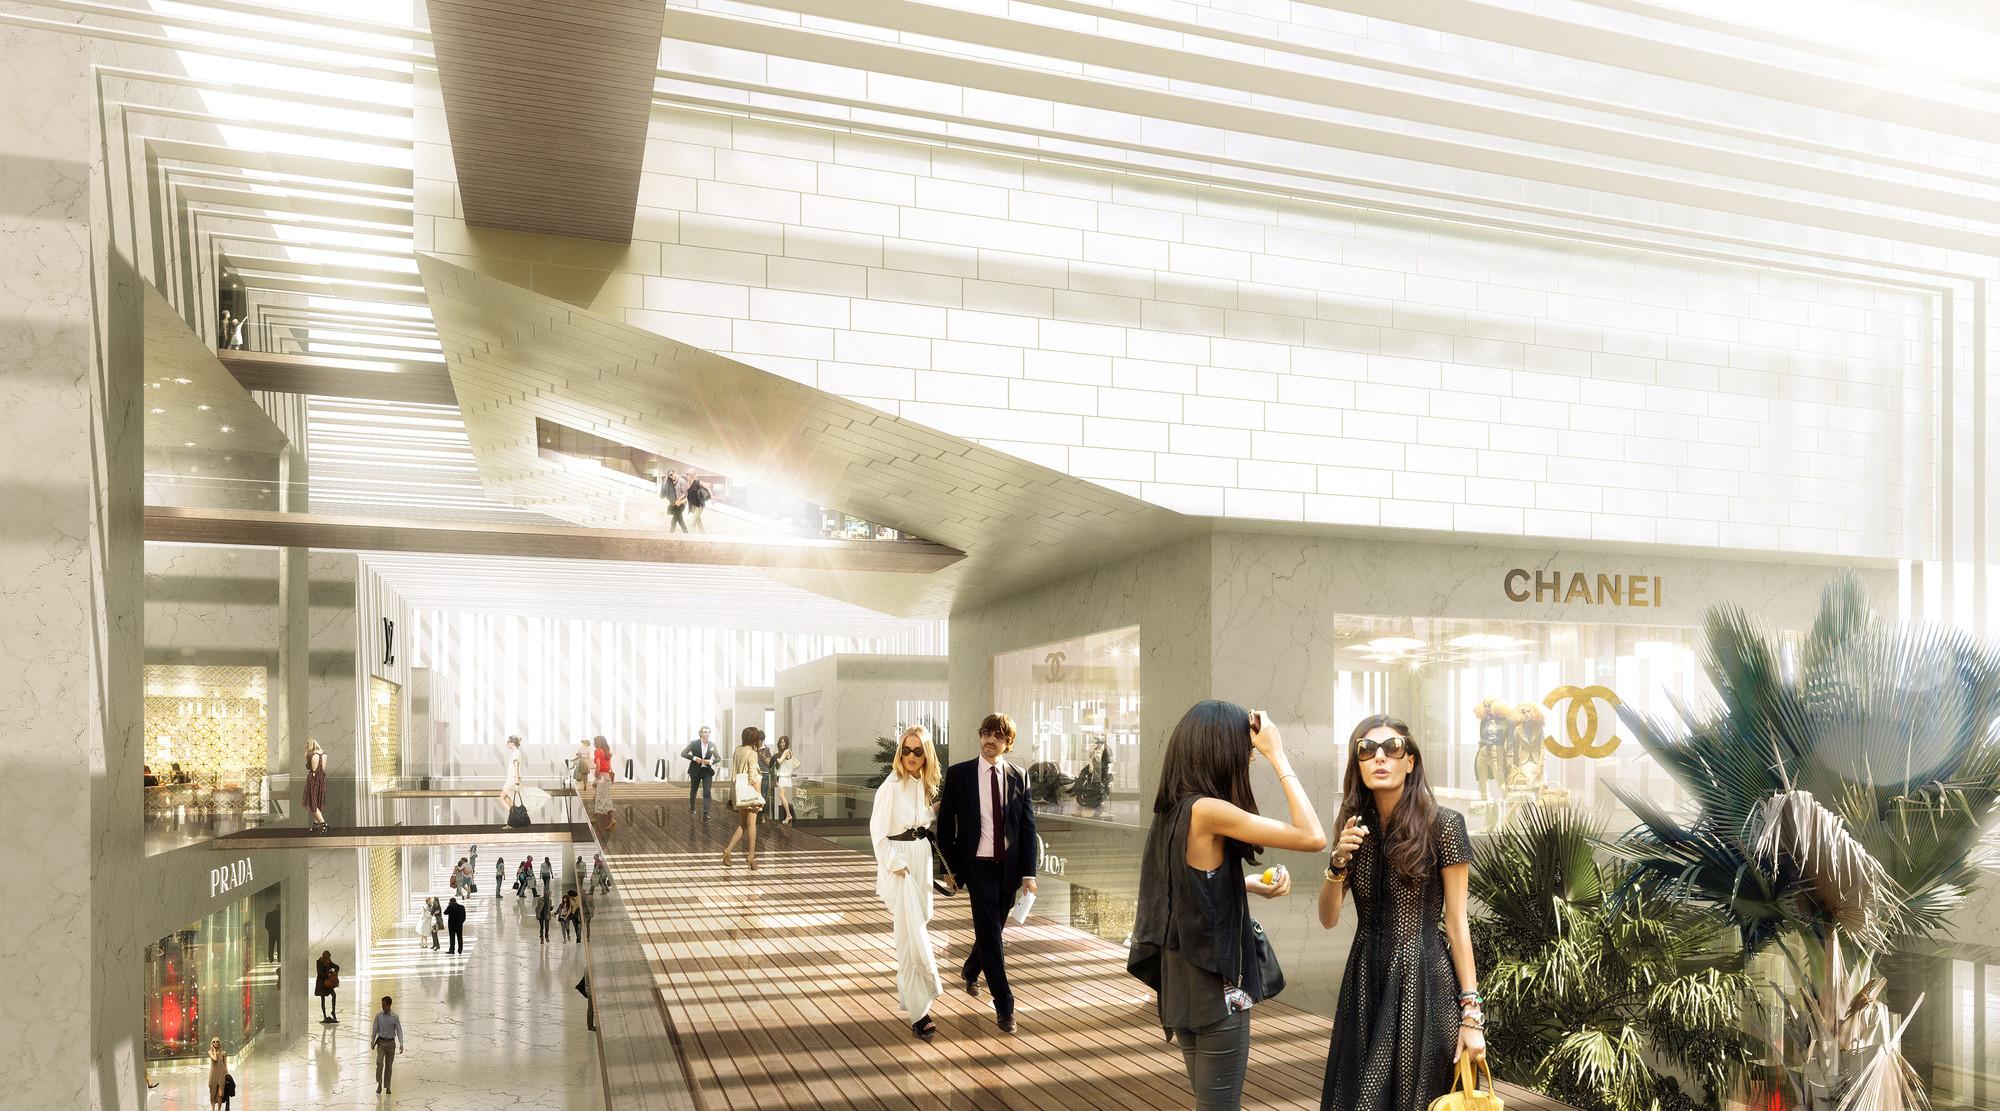 Shopping center interior. Image © Luxigon